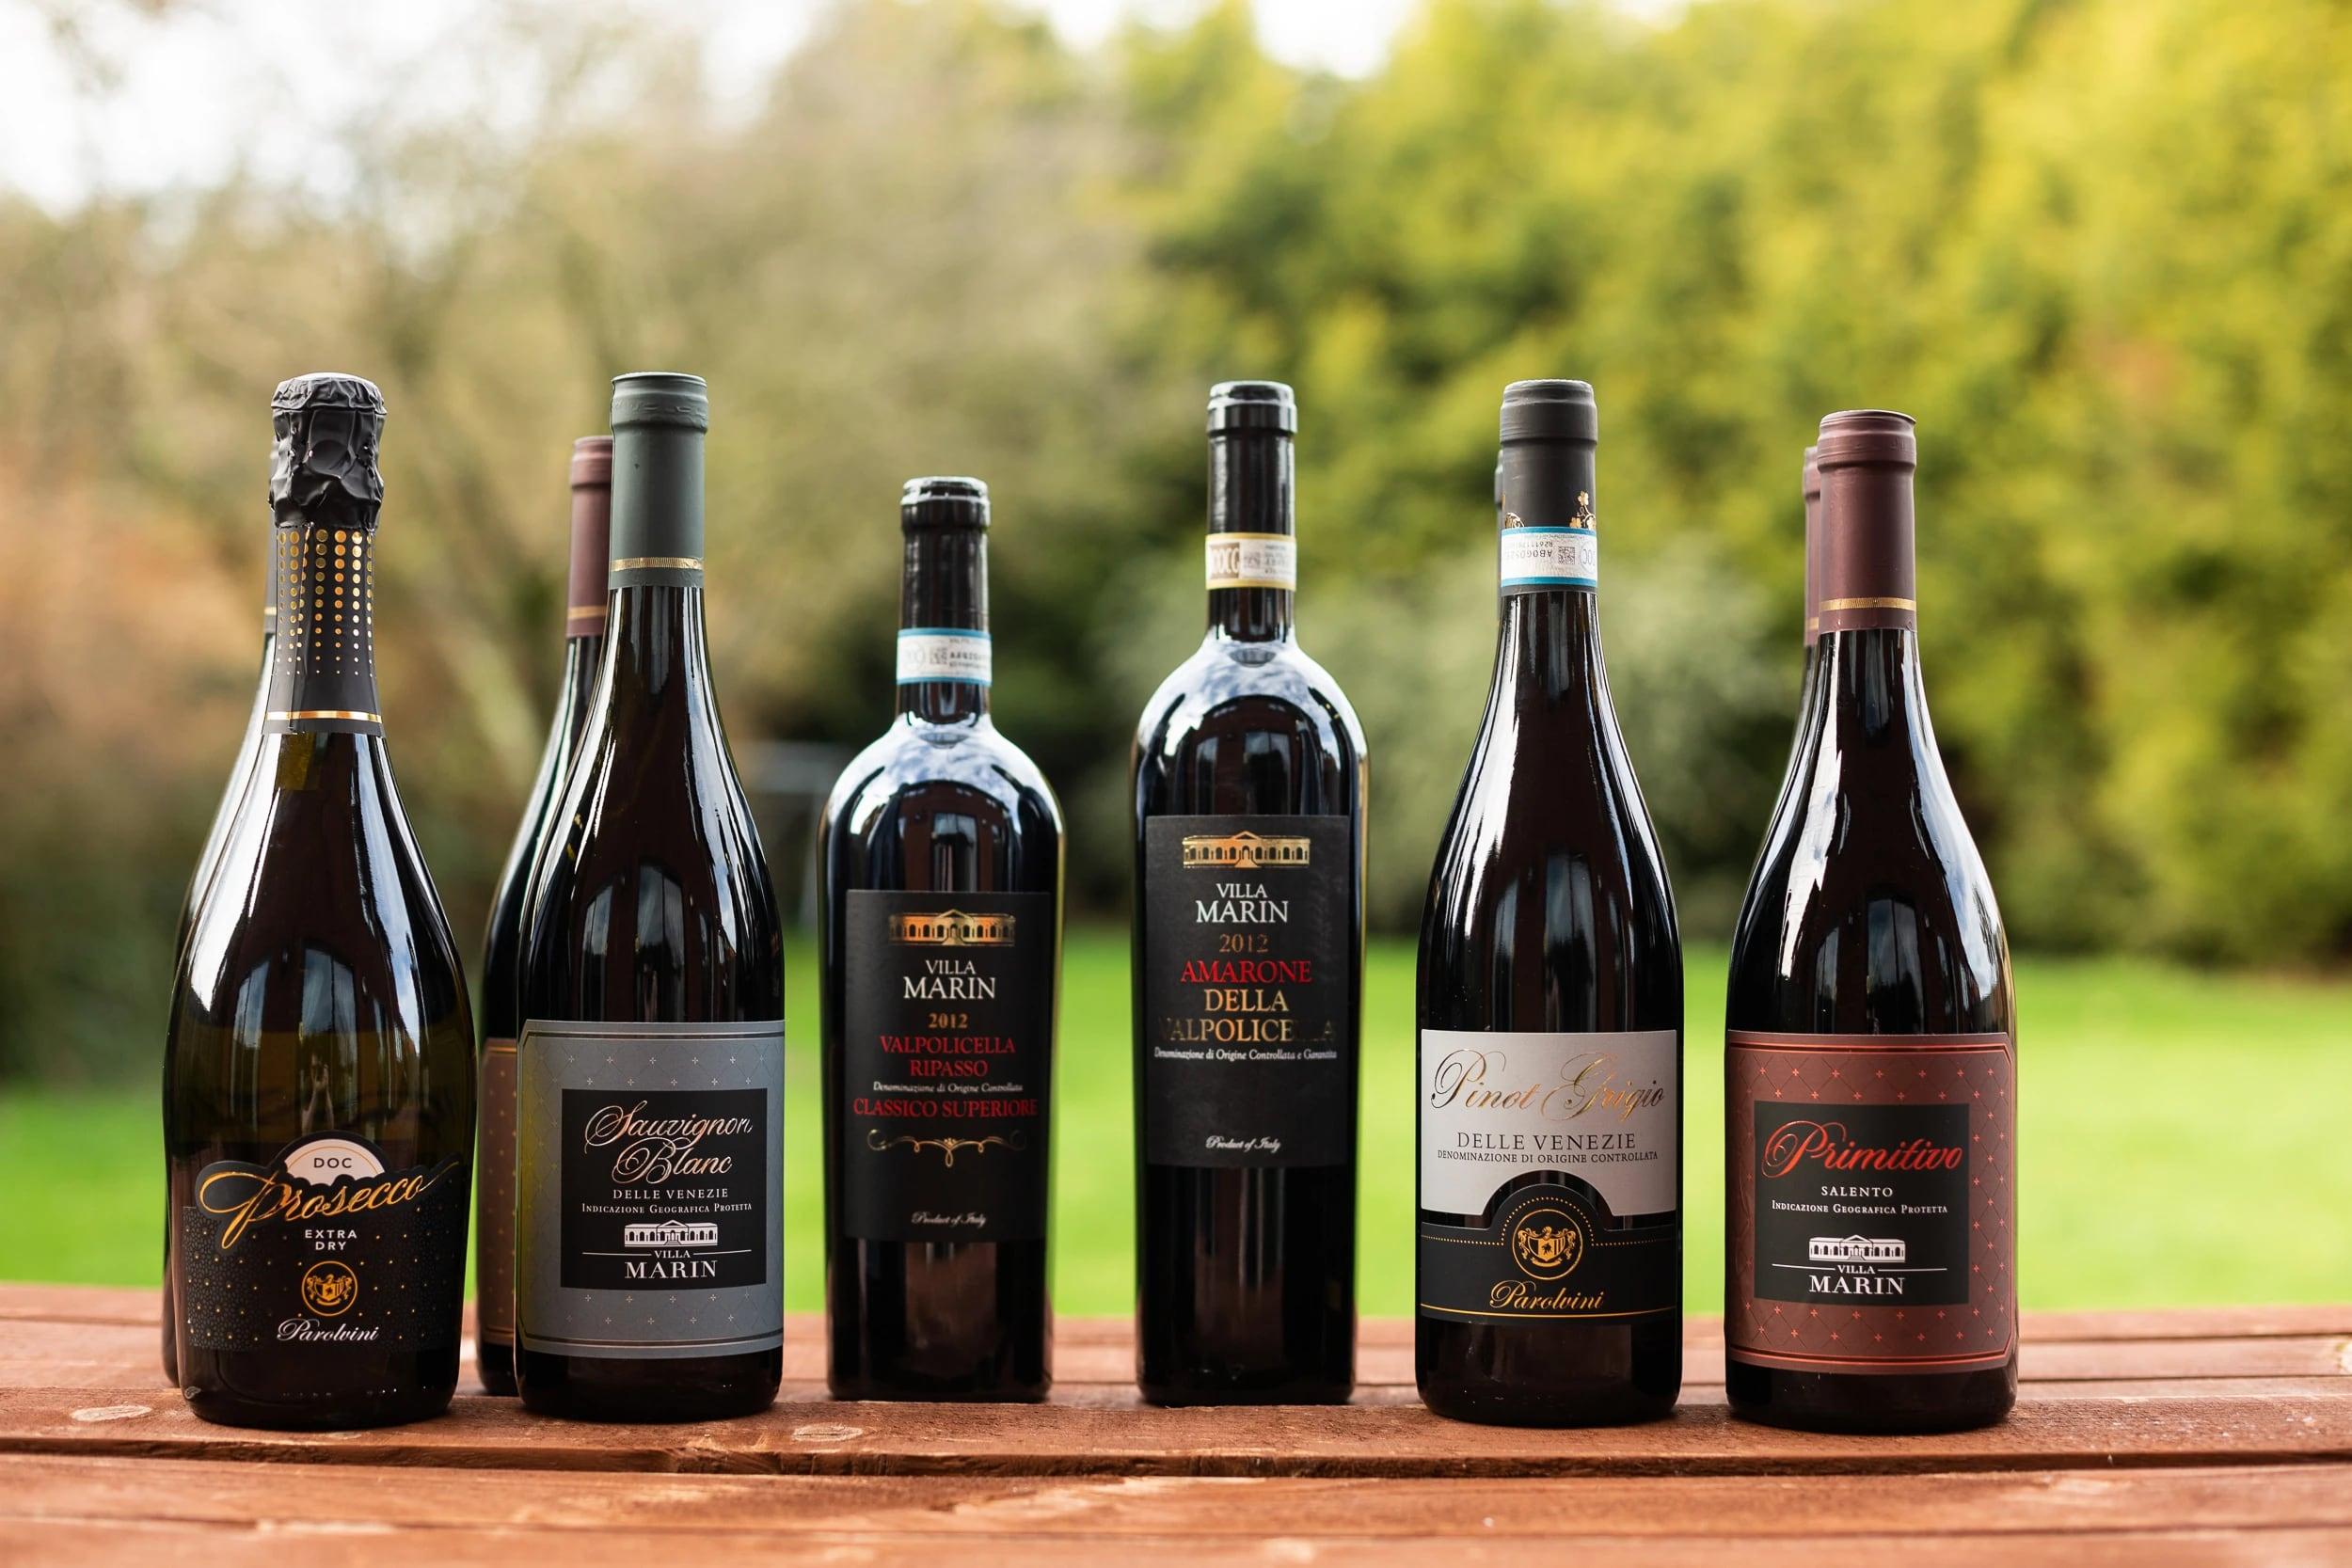 mixture of wine bottles